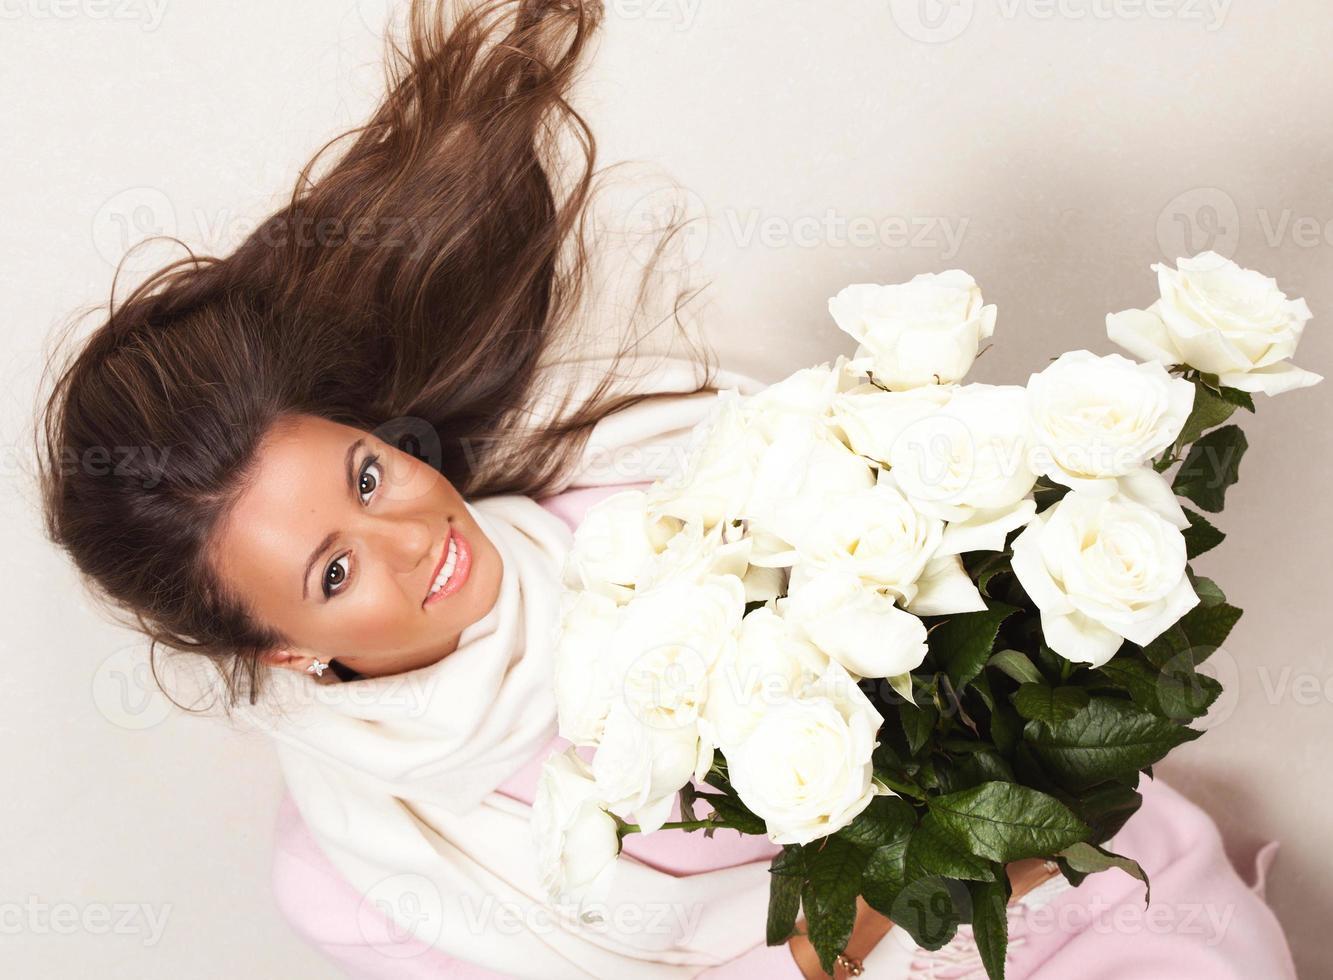 mujer con rosas foto